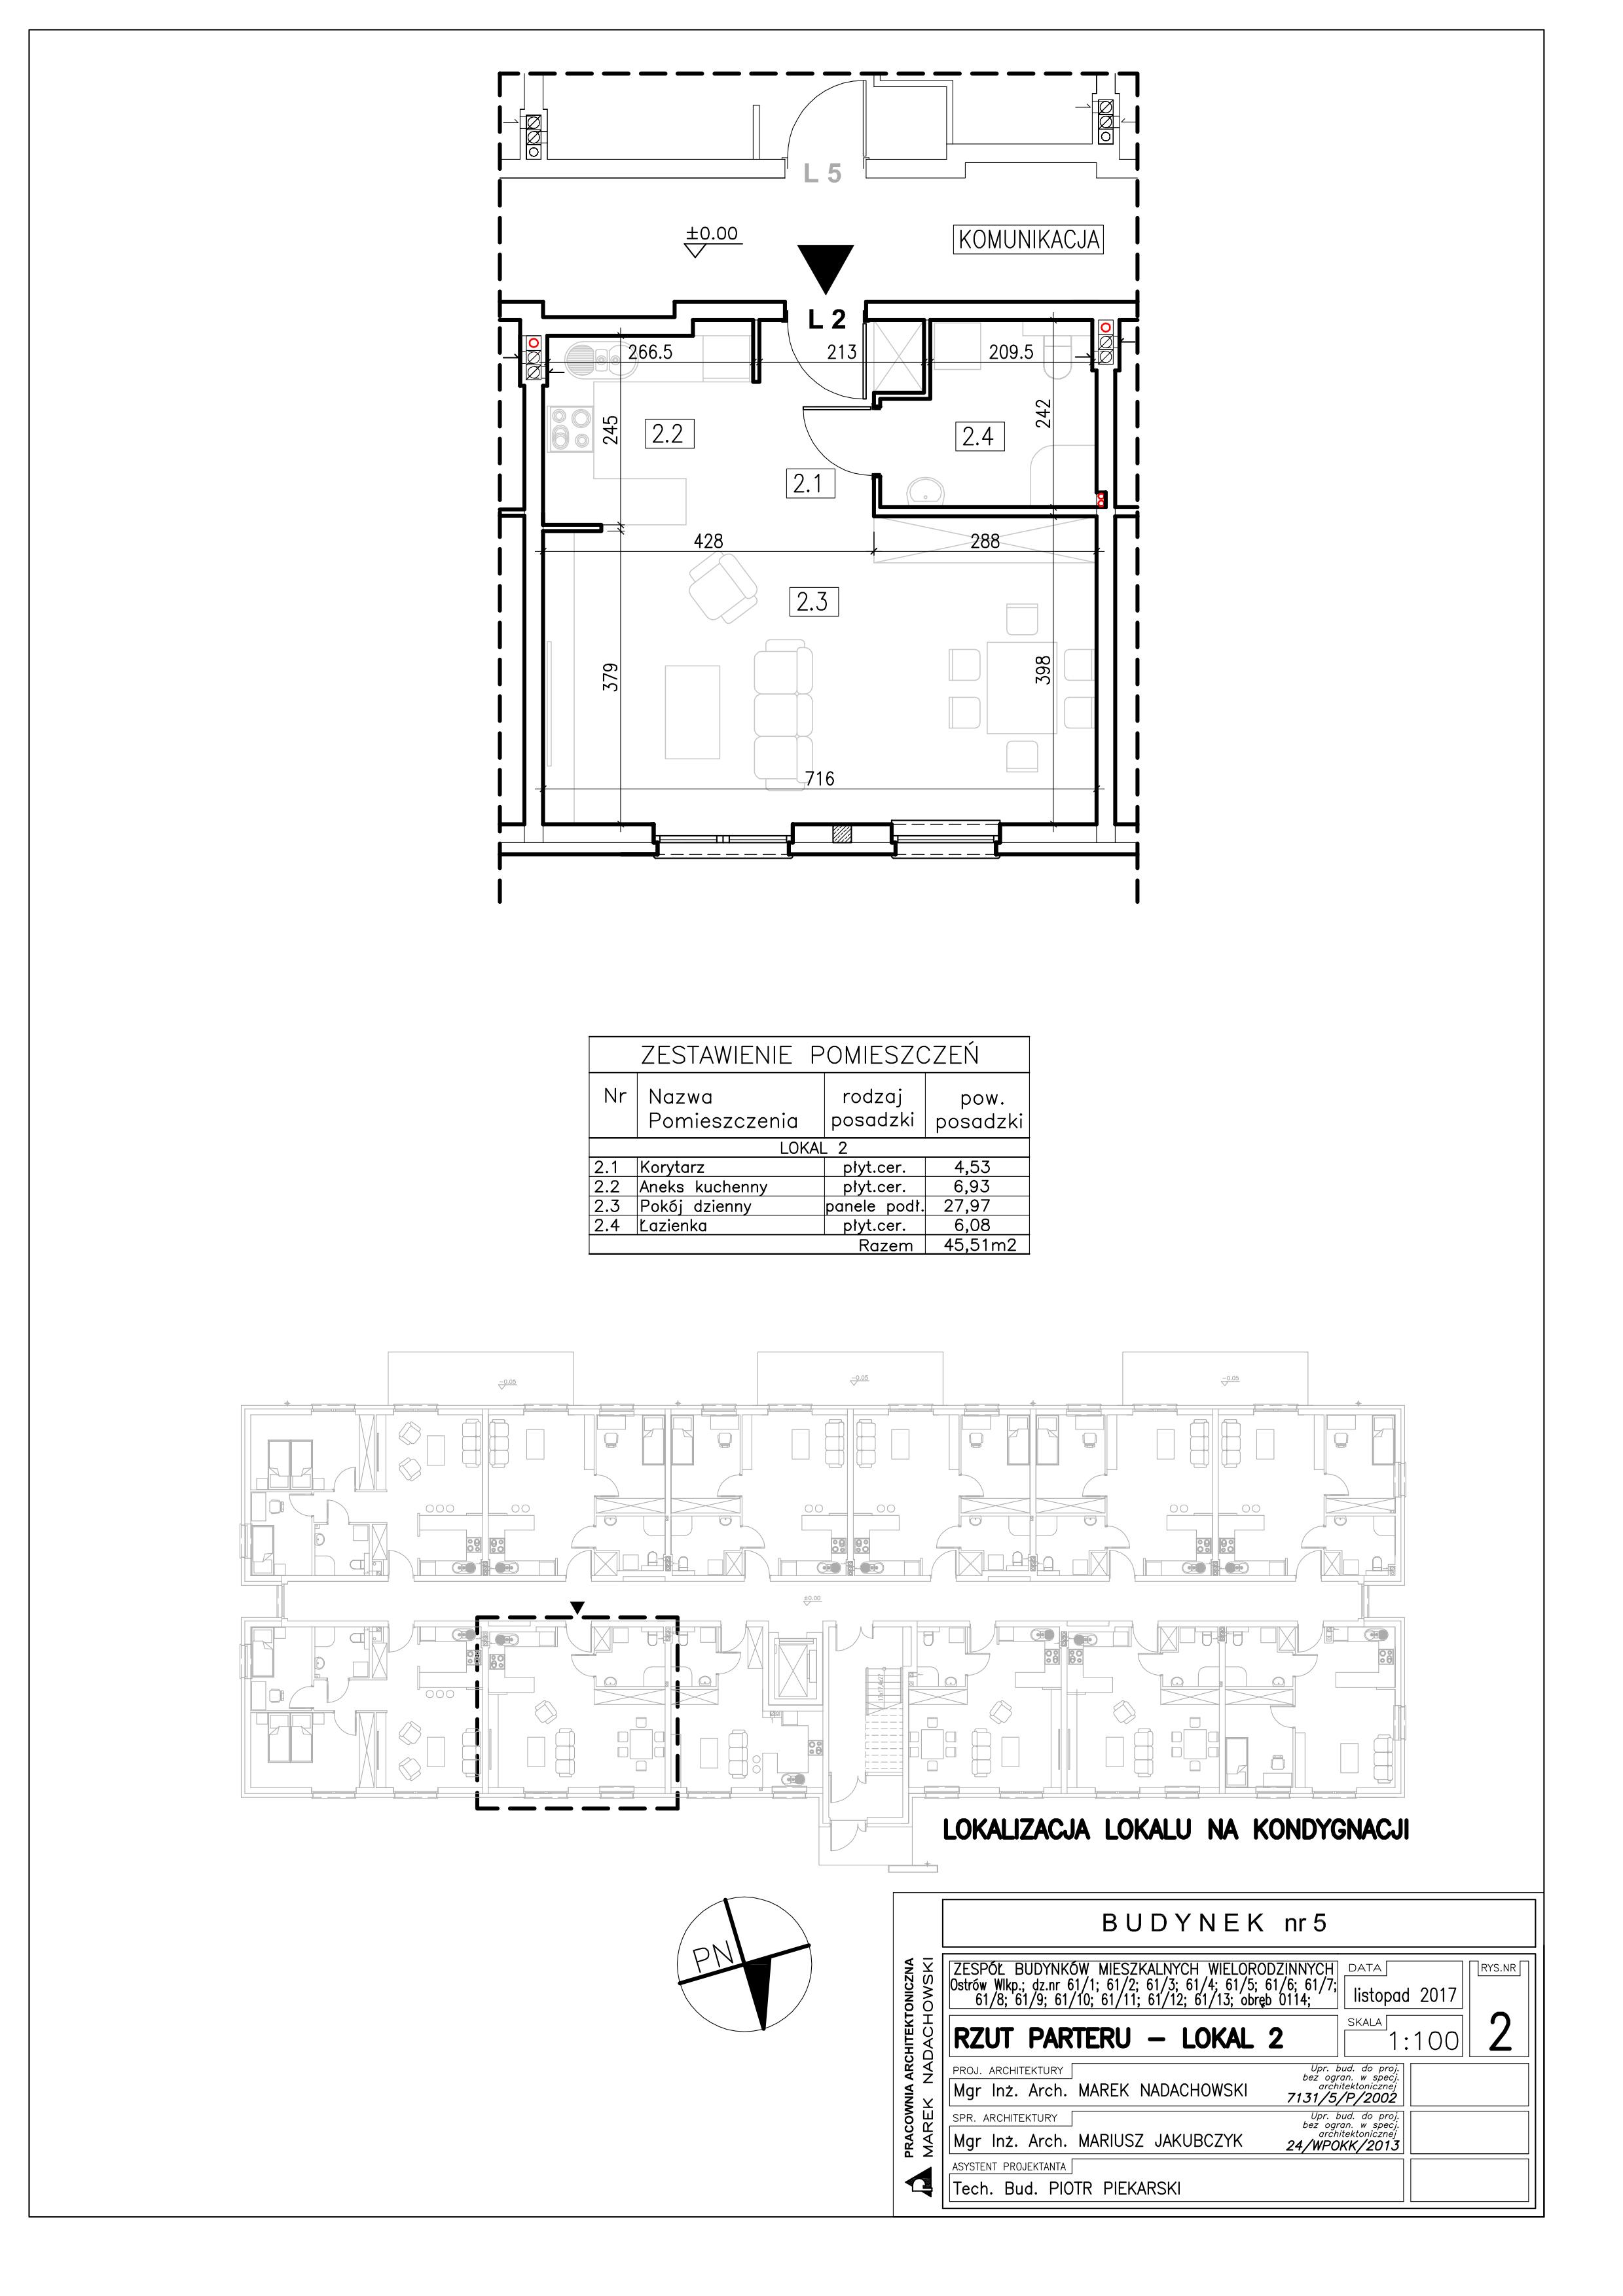 Lokal nr 2 Powierzchnia: 45,51 m2